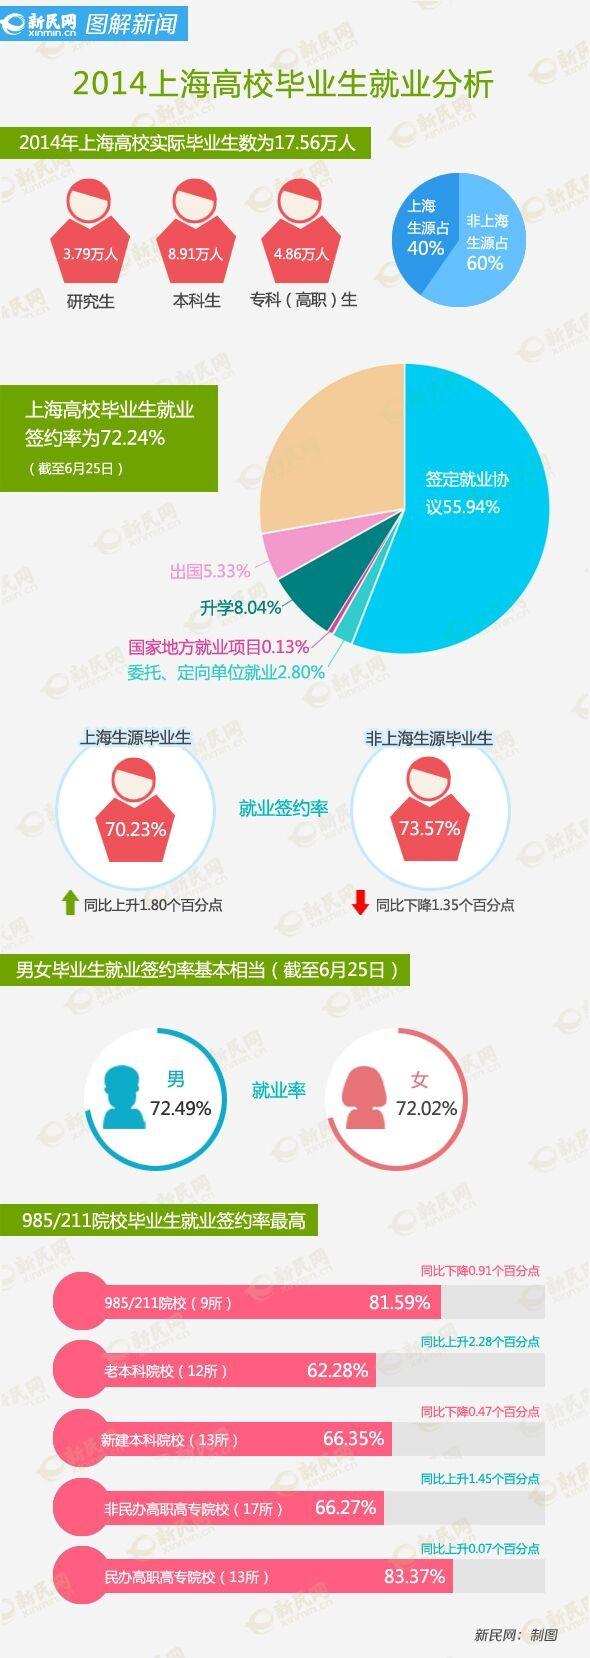 72%上海高校毕业生已就业签约 自主创业增七成